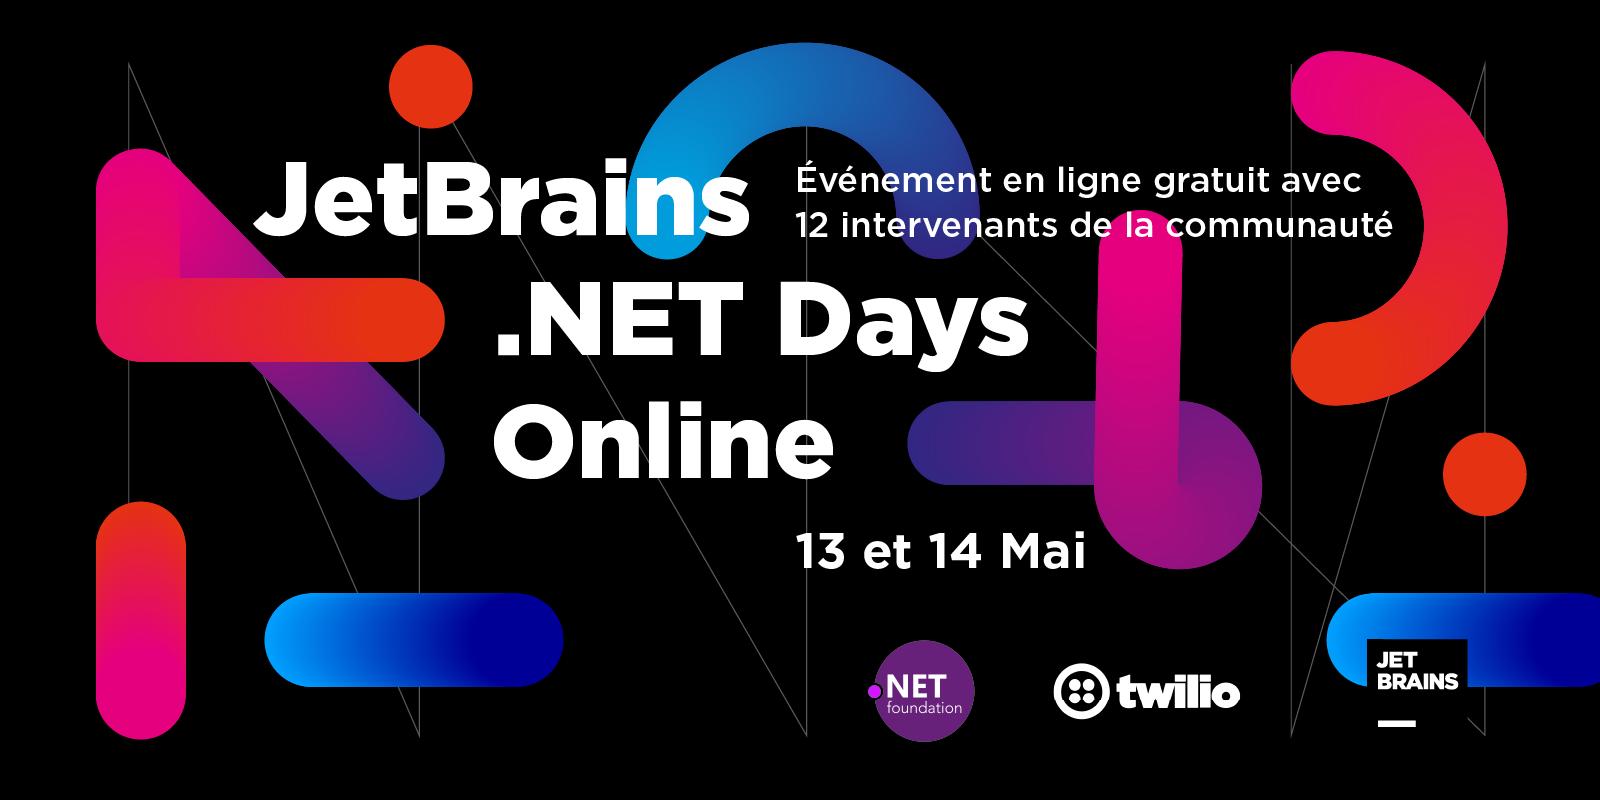 Événement virtuel gratuit JetBrains .NET Days Online13 et 14 Mai 2020